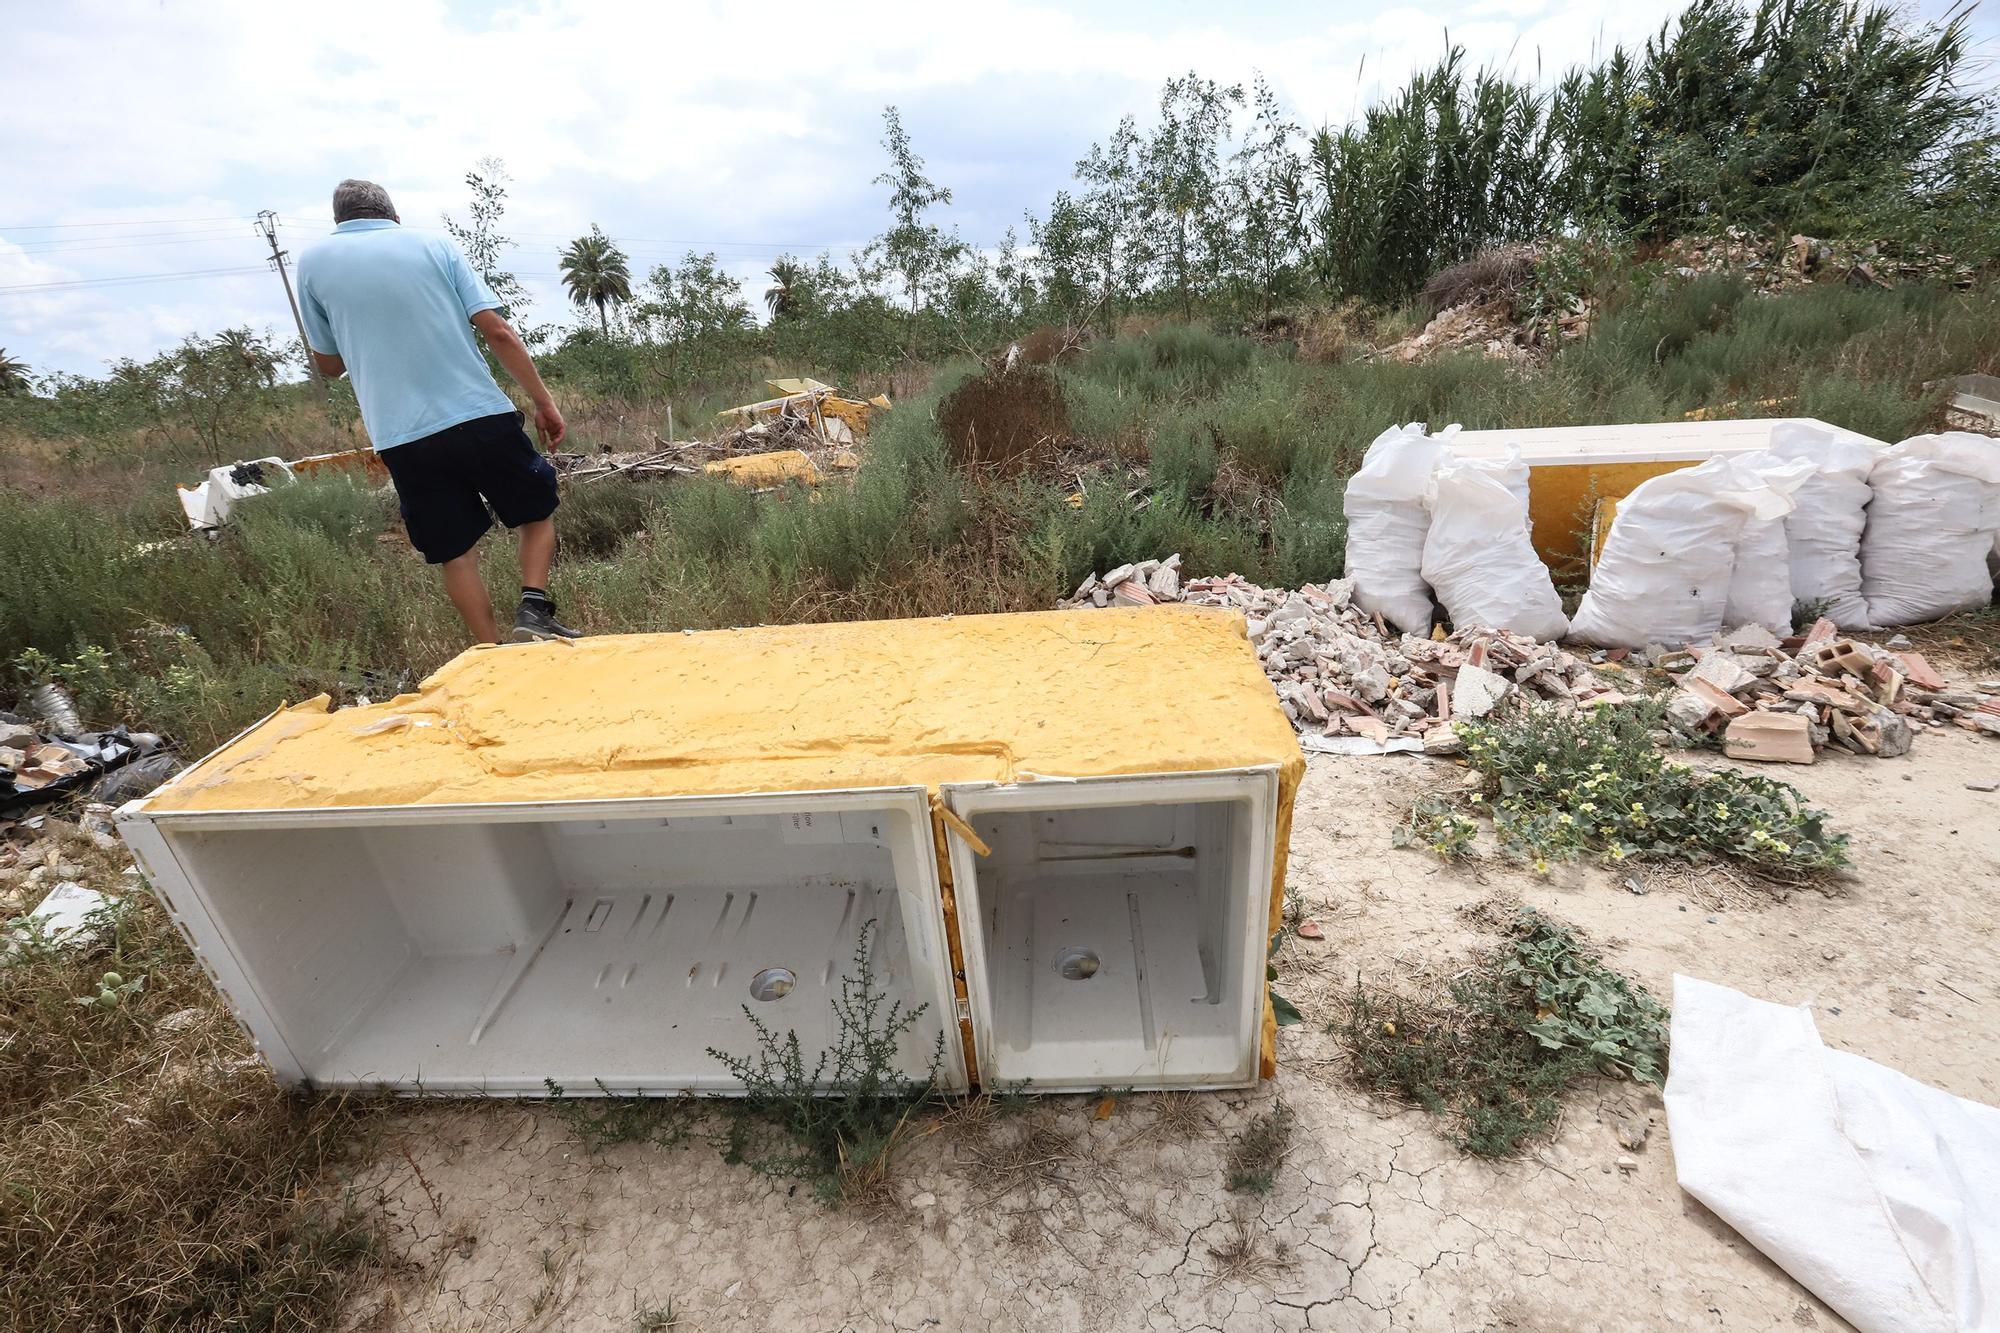 Los escombros y la maleza invaden los alrededores del polígono de Orihuela